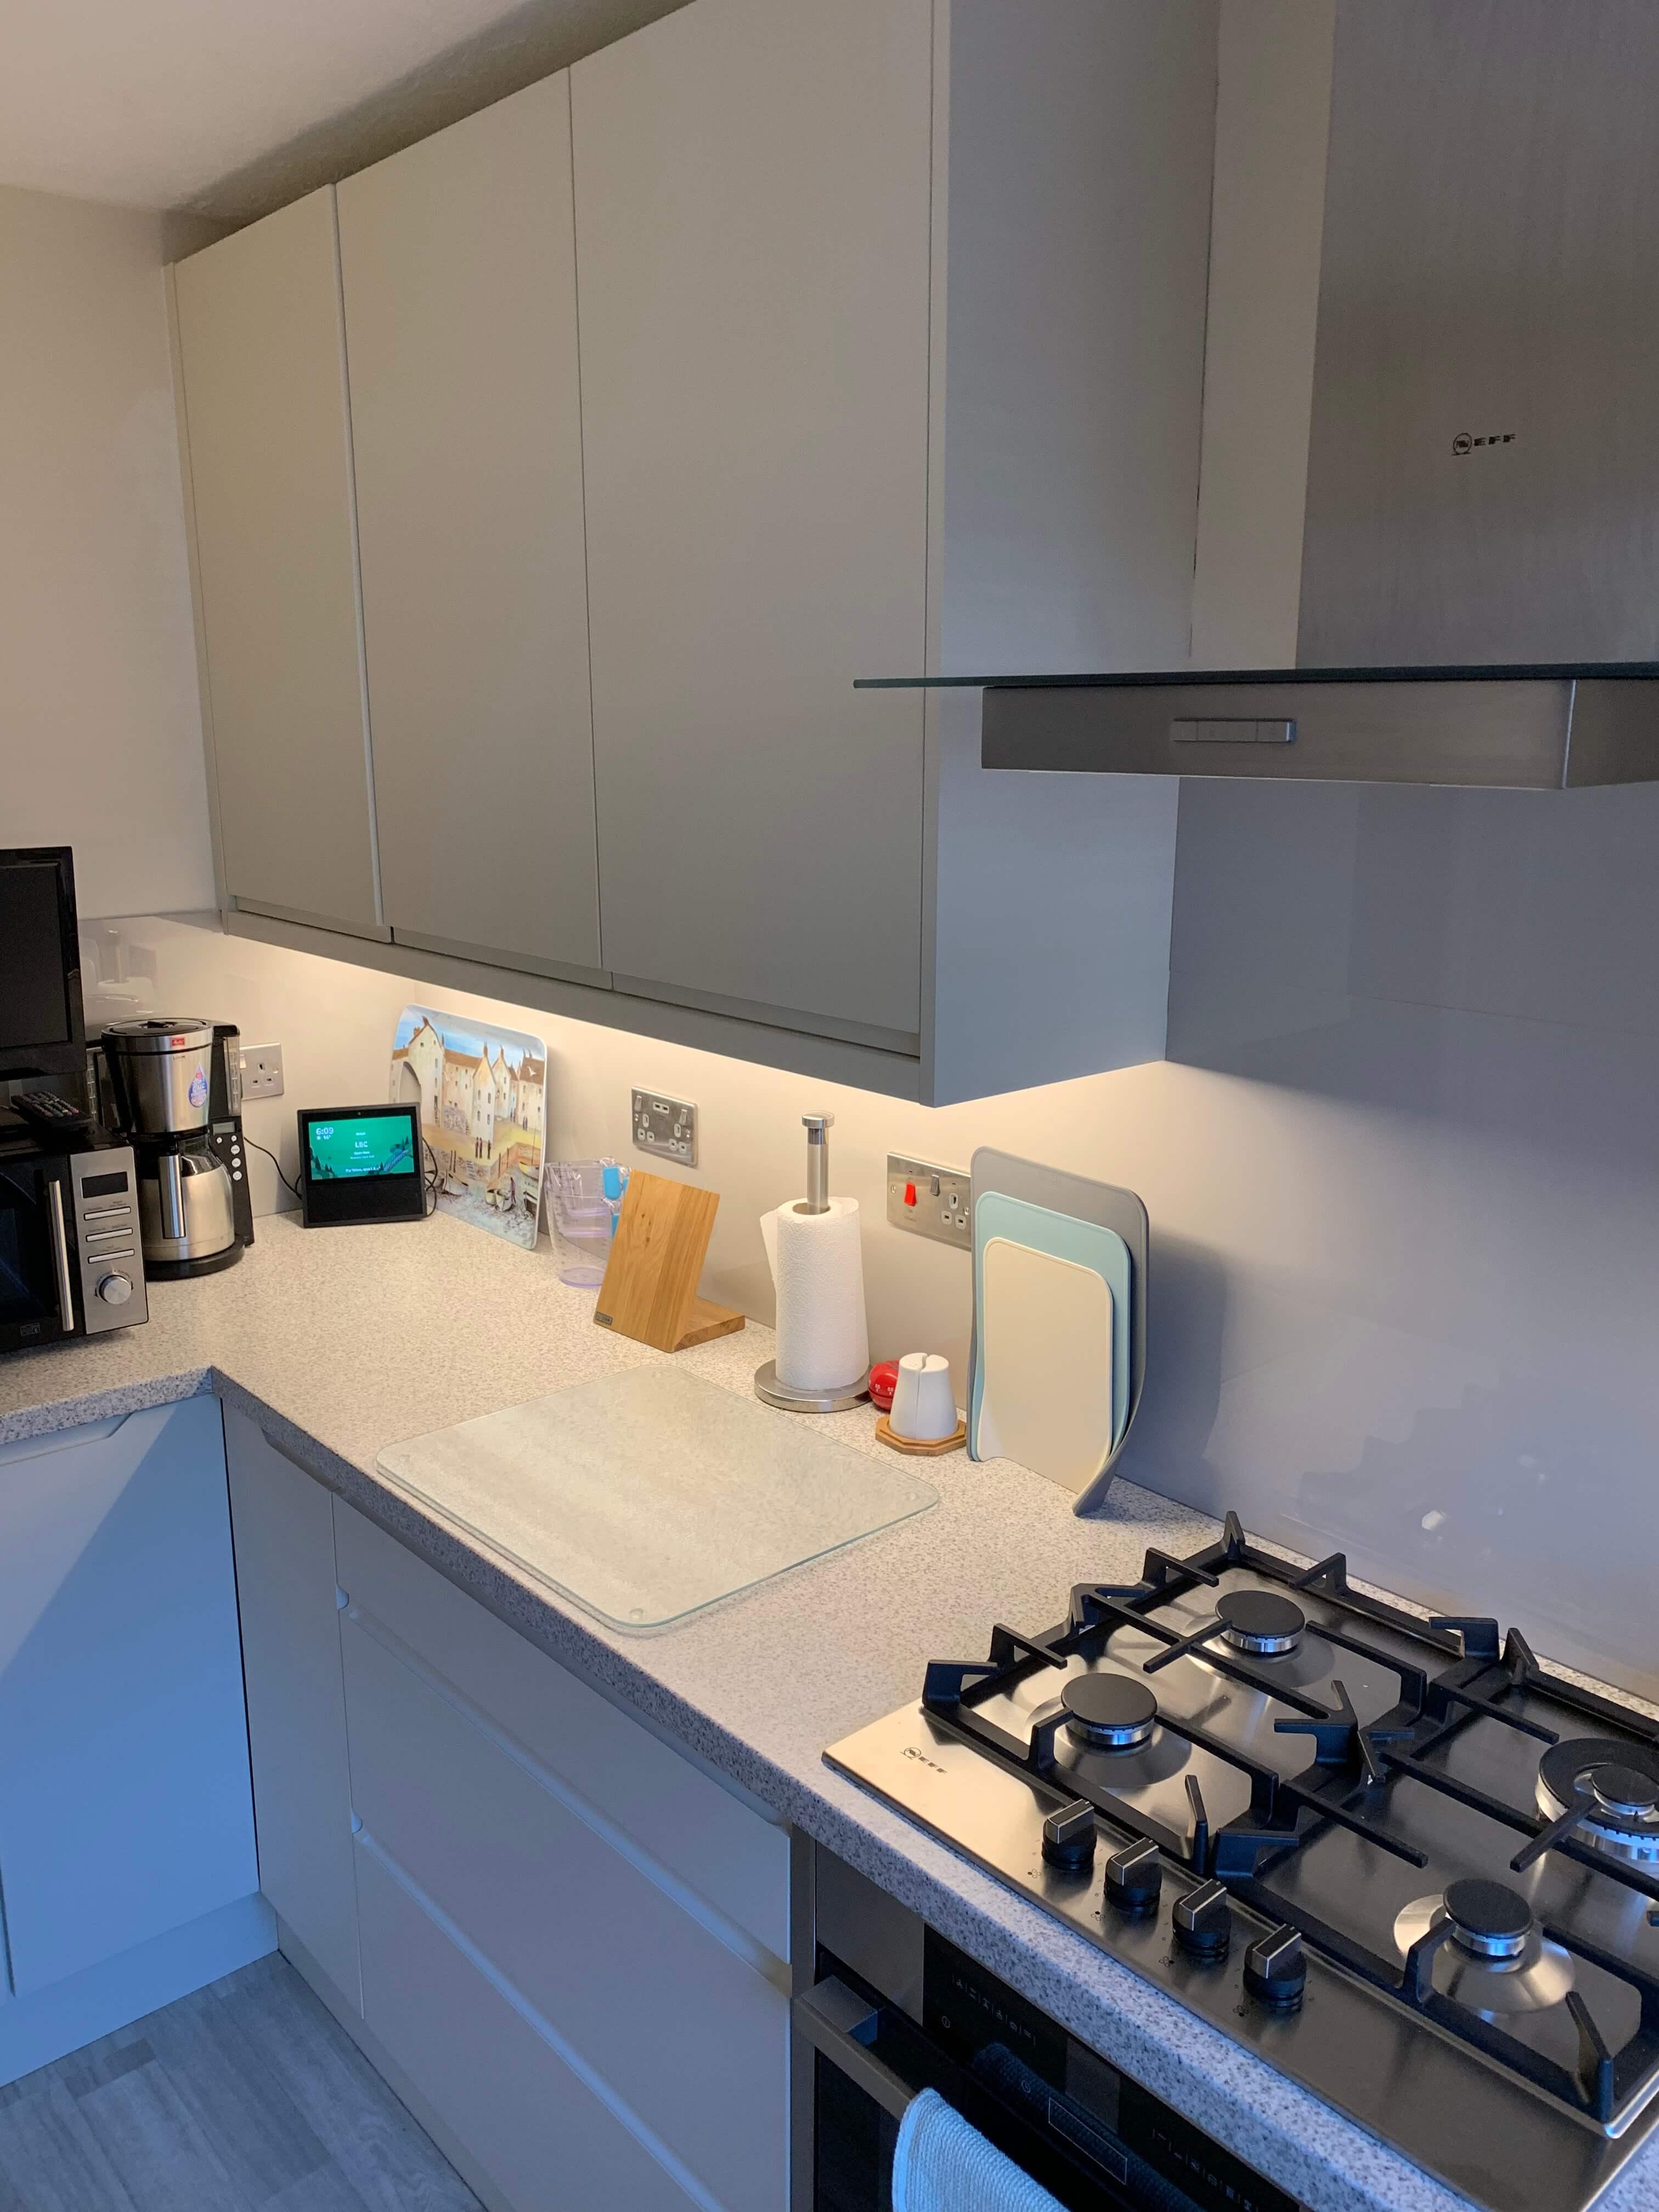 Janets new Kitchen hob view